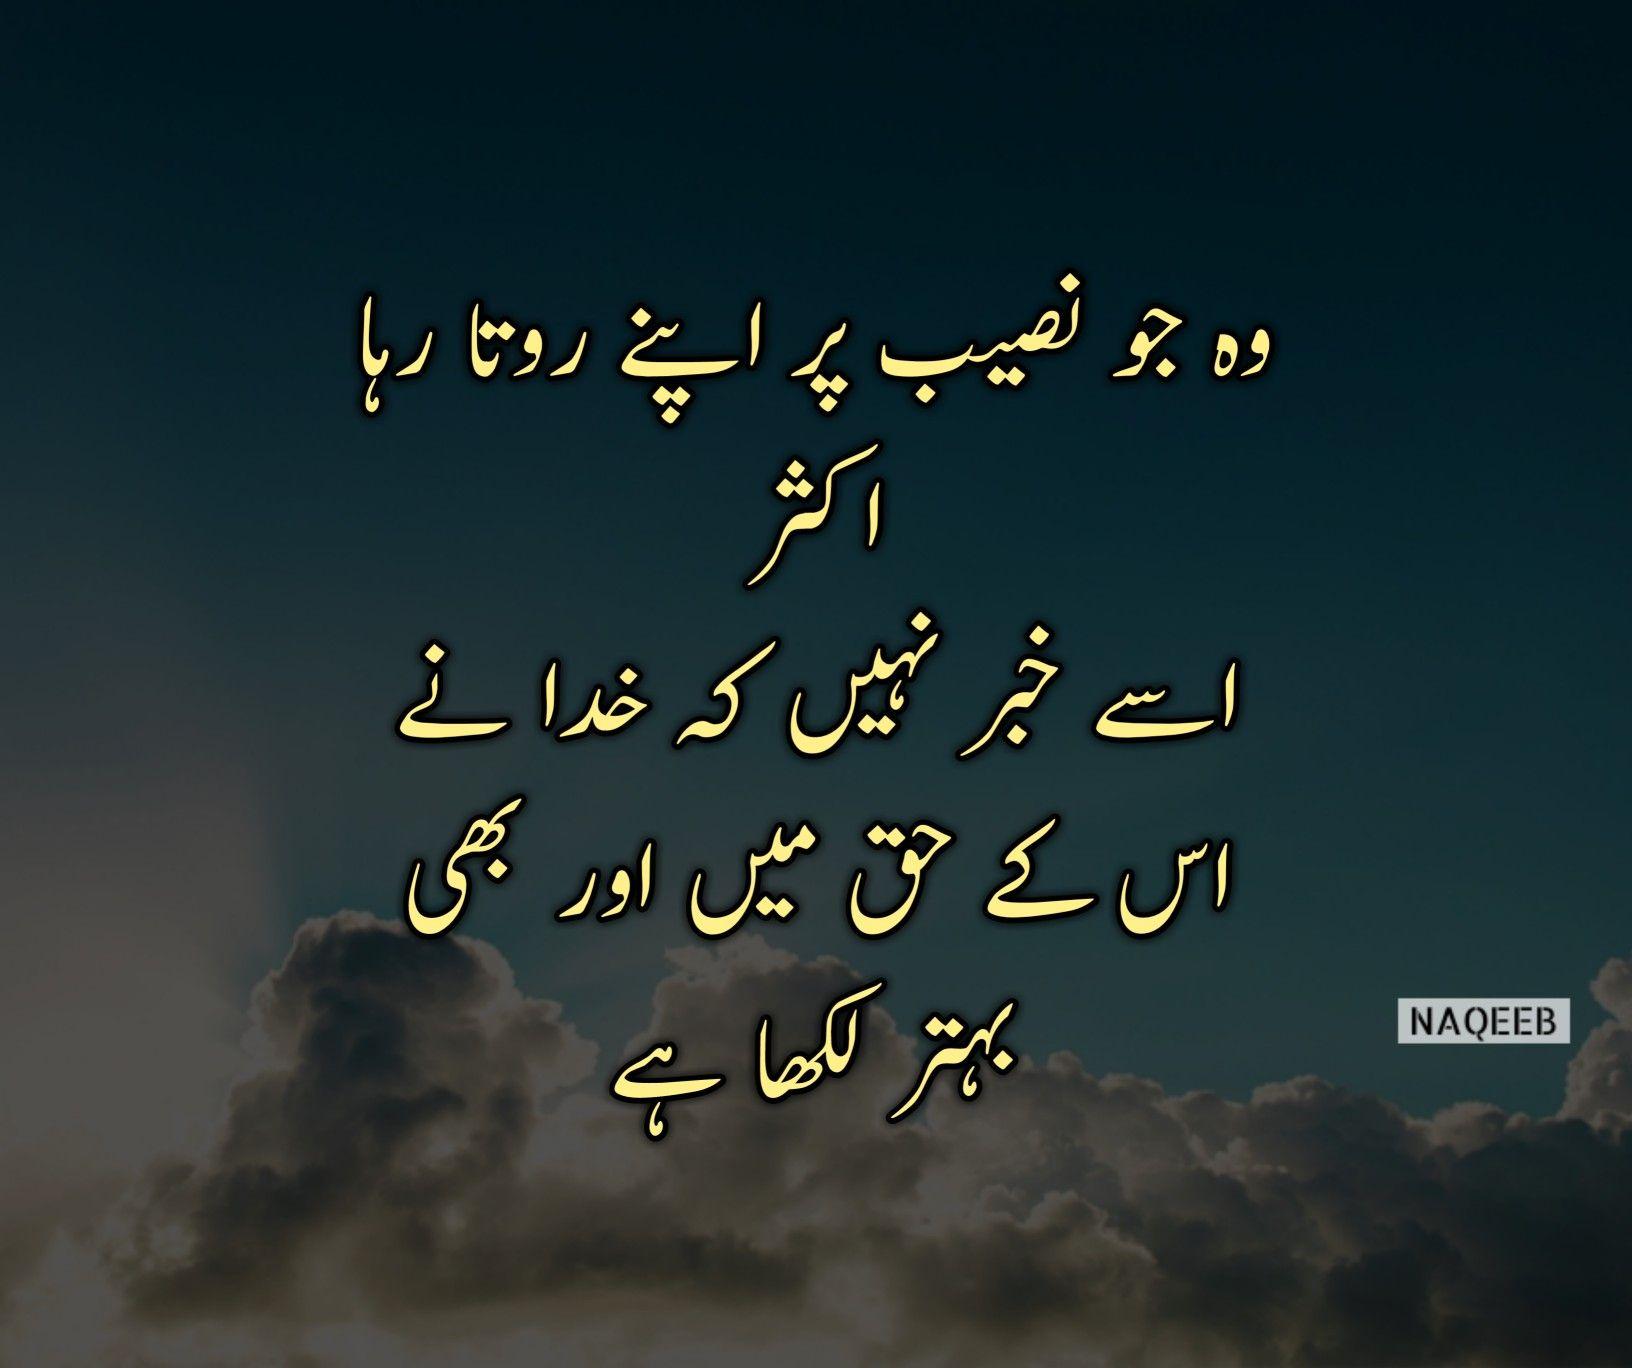 shayari in urdu (With images) Islamic love quotes, Urdu